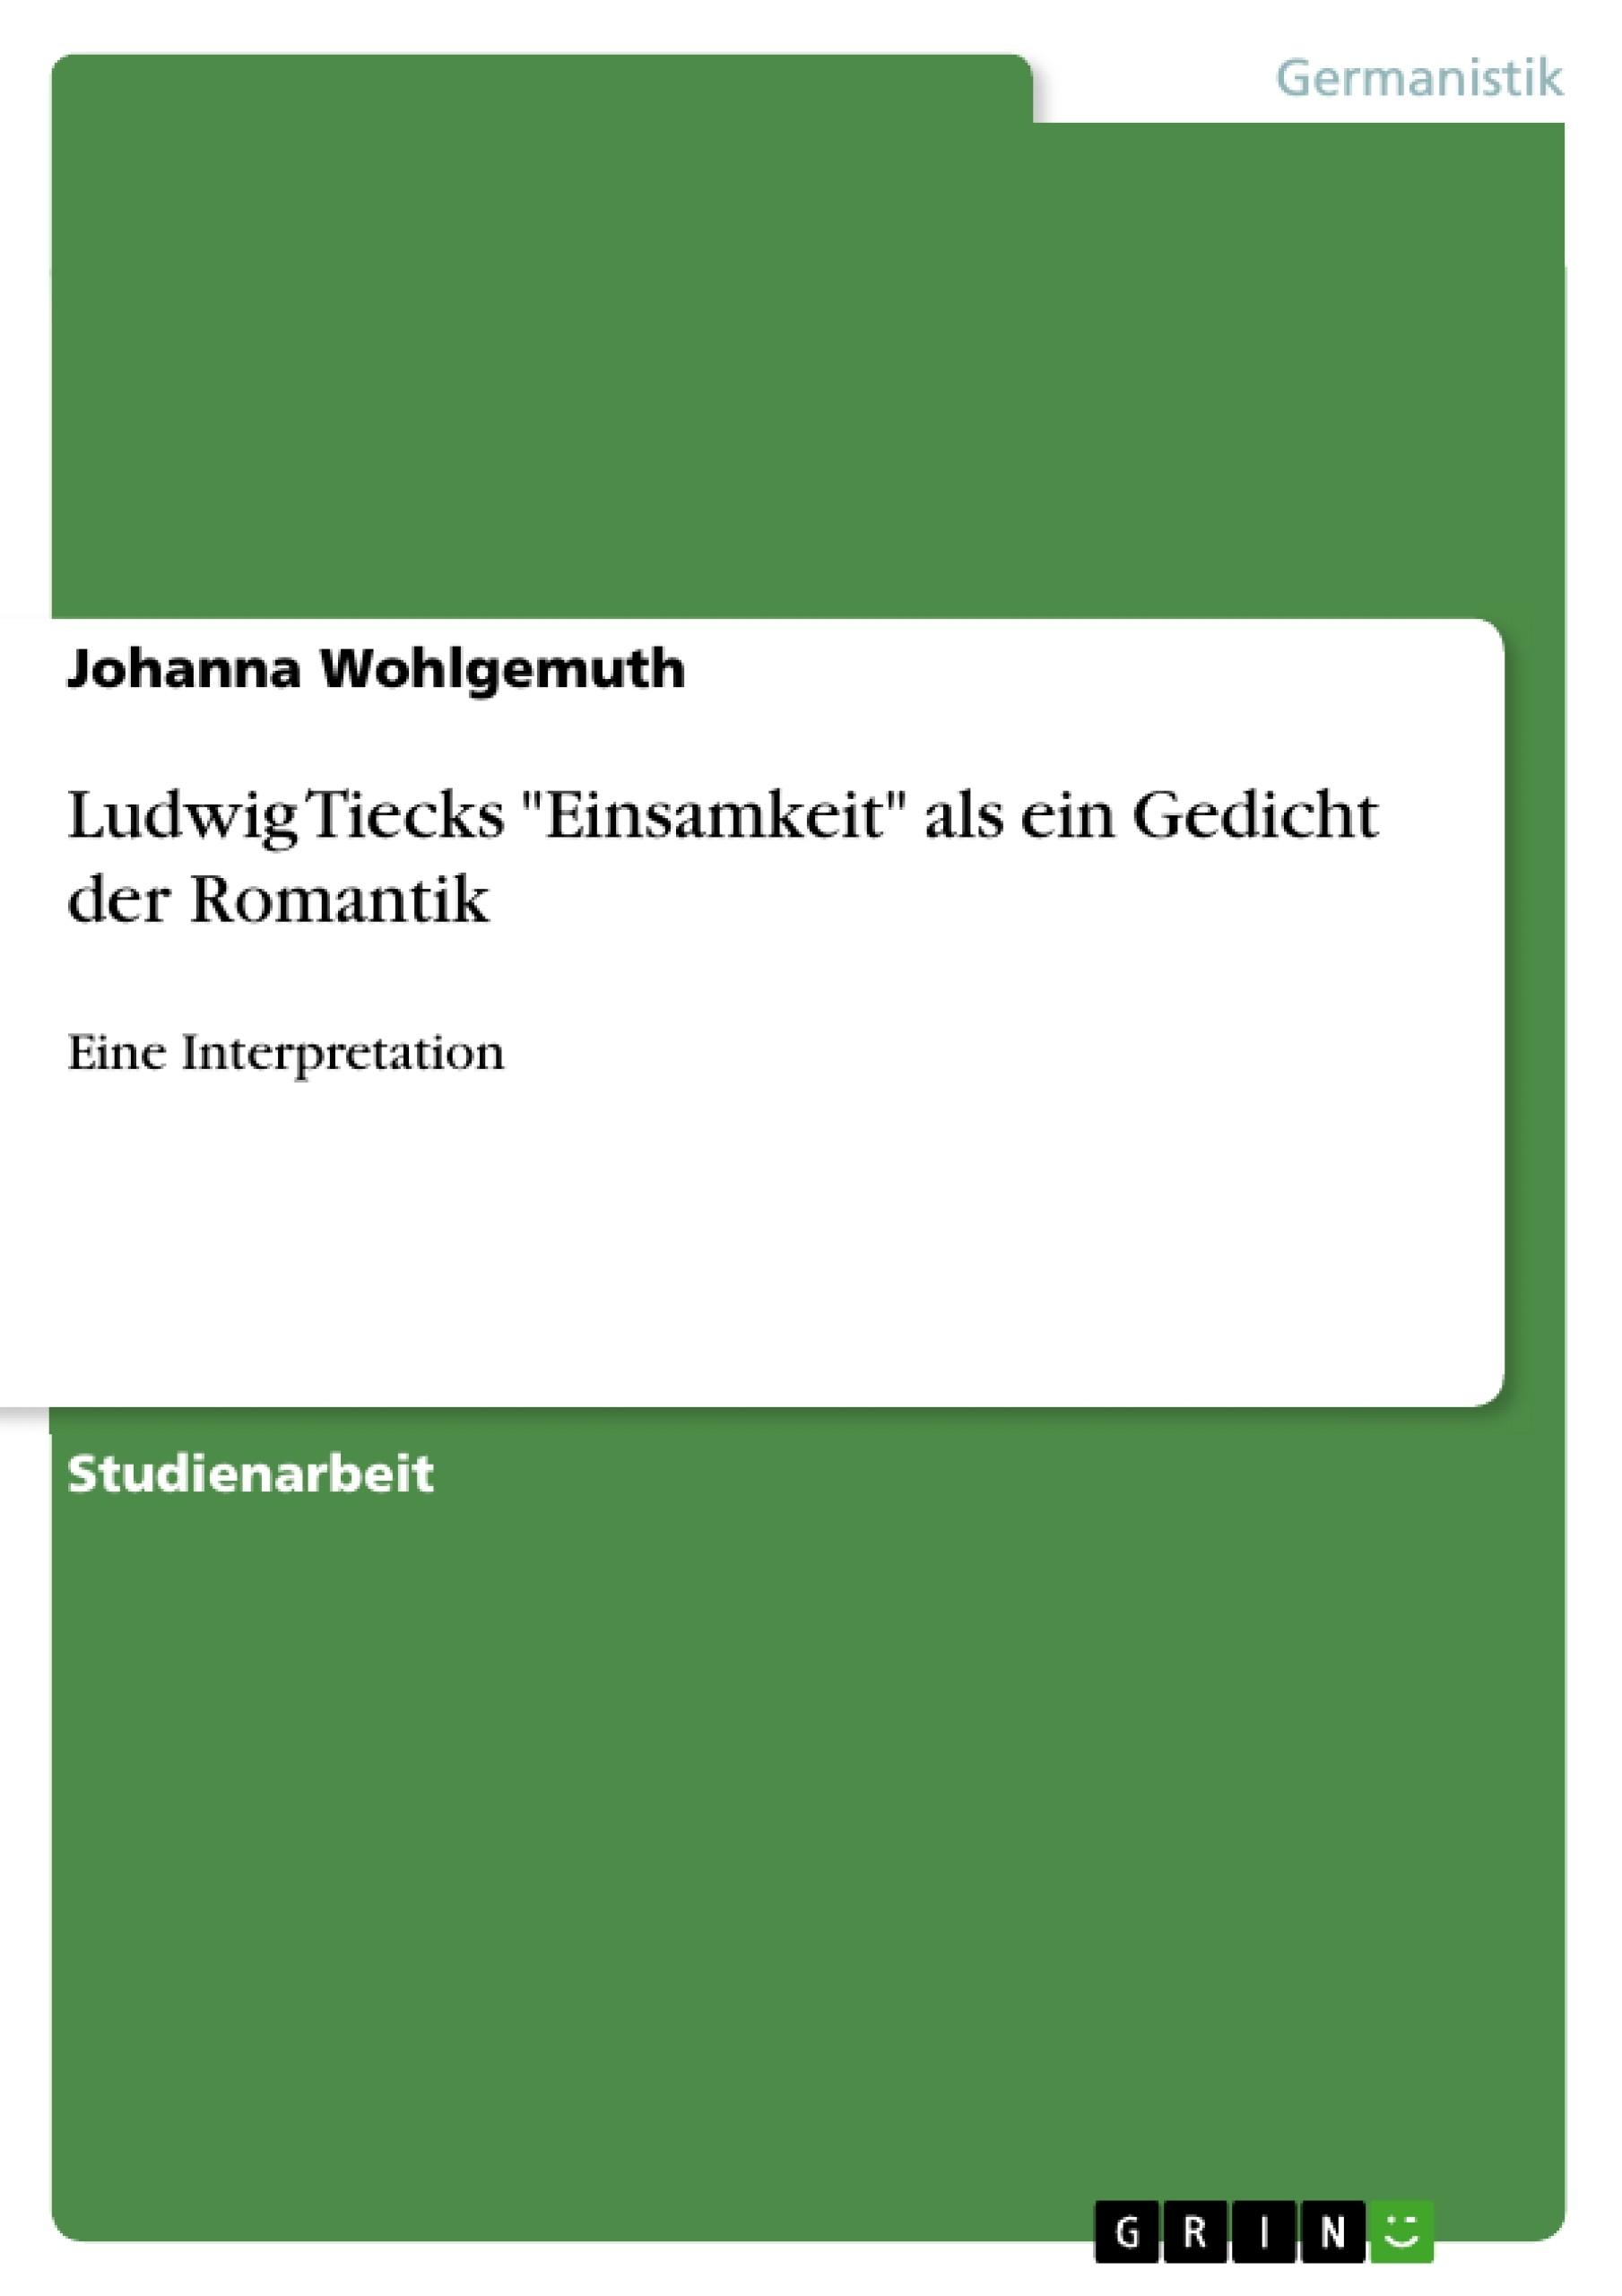 Grin Ludwig Tiecks Einsamkeit Als Ein Gedicht Der Romantik